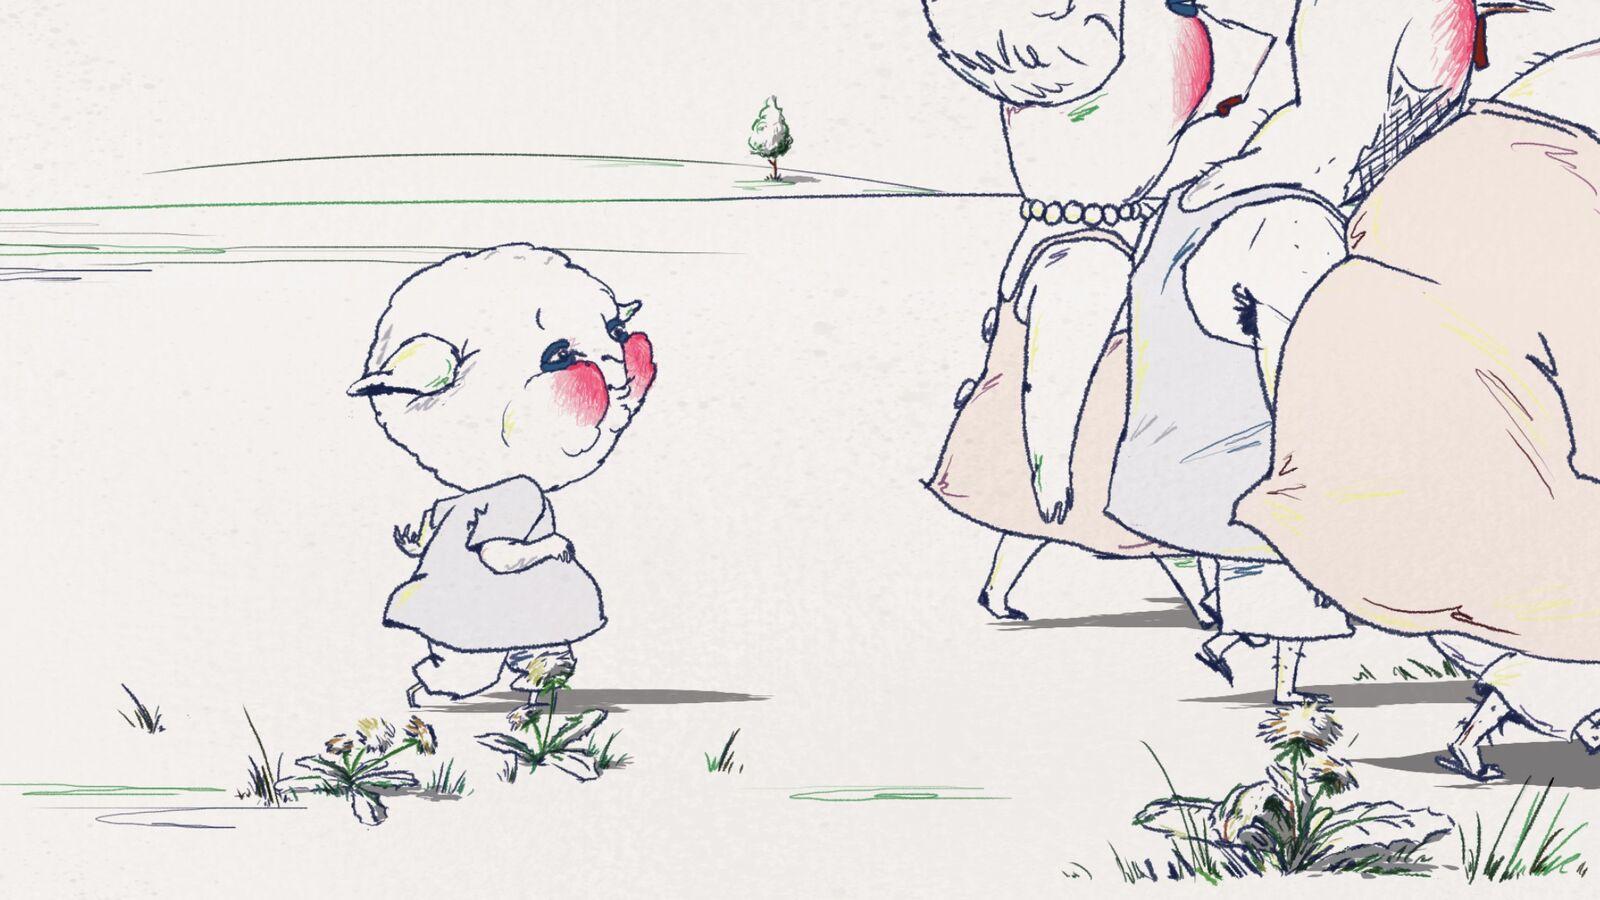 TRANCHE DE CAMPAGNE de Hannah Letaif, 2015, Animation, 7'   Le soleil brille sur la campagne. Une famille d'animaux se trouve un endroit plaisant pour pique-niquer. À proximité, une bête broute paisiblement. L'ambiance bucolique de ce déjeuner sur l'herbe change rapidement.